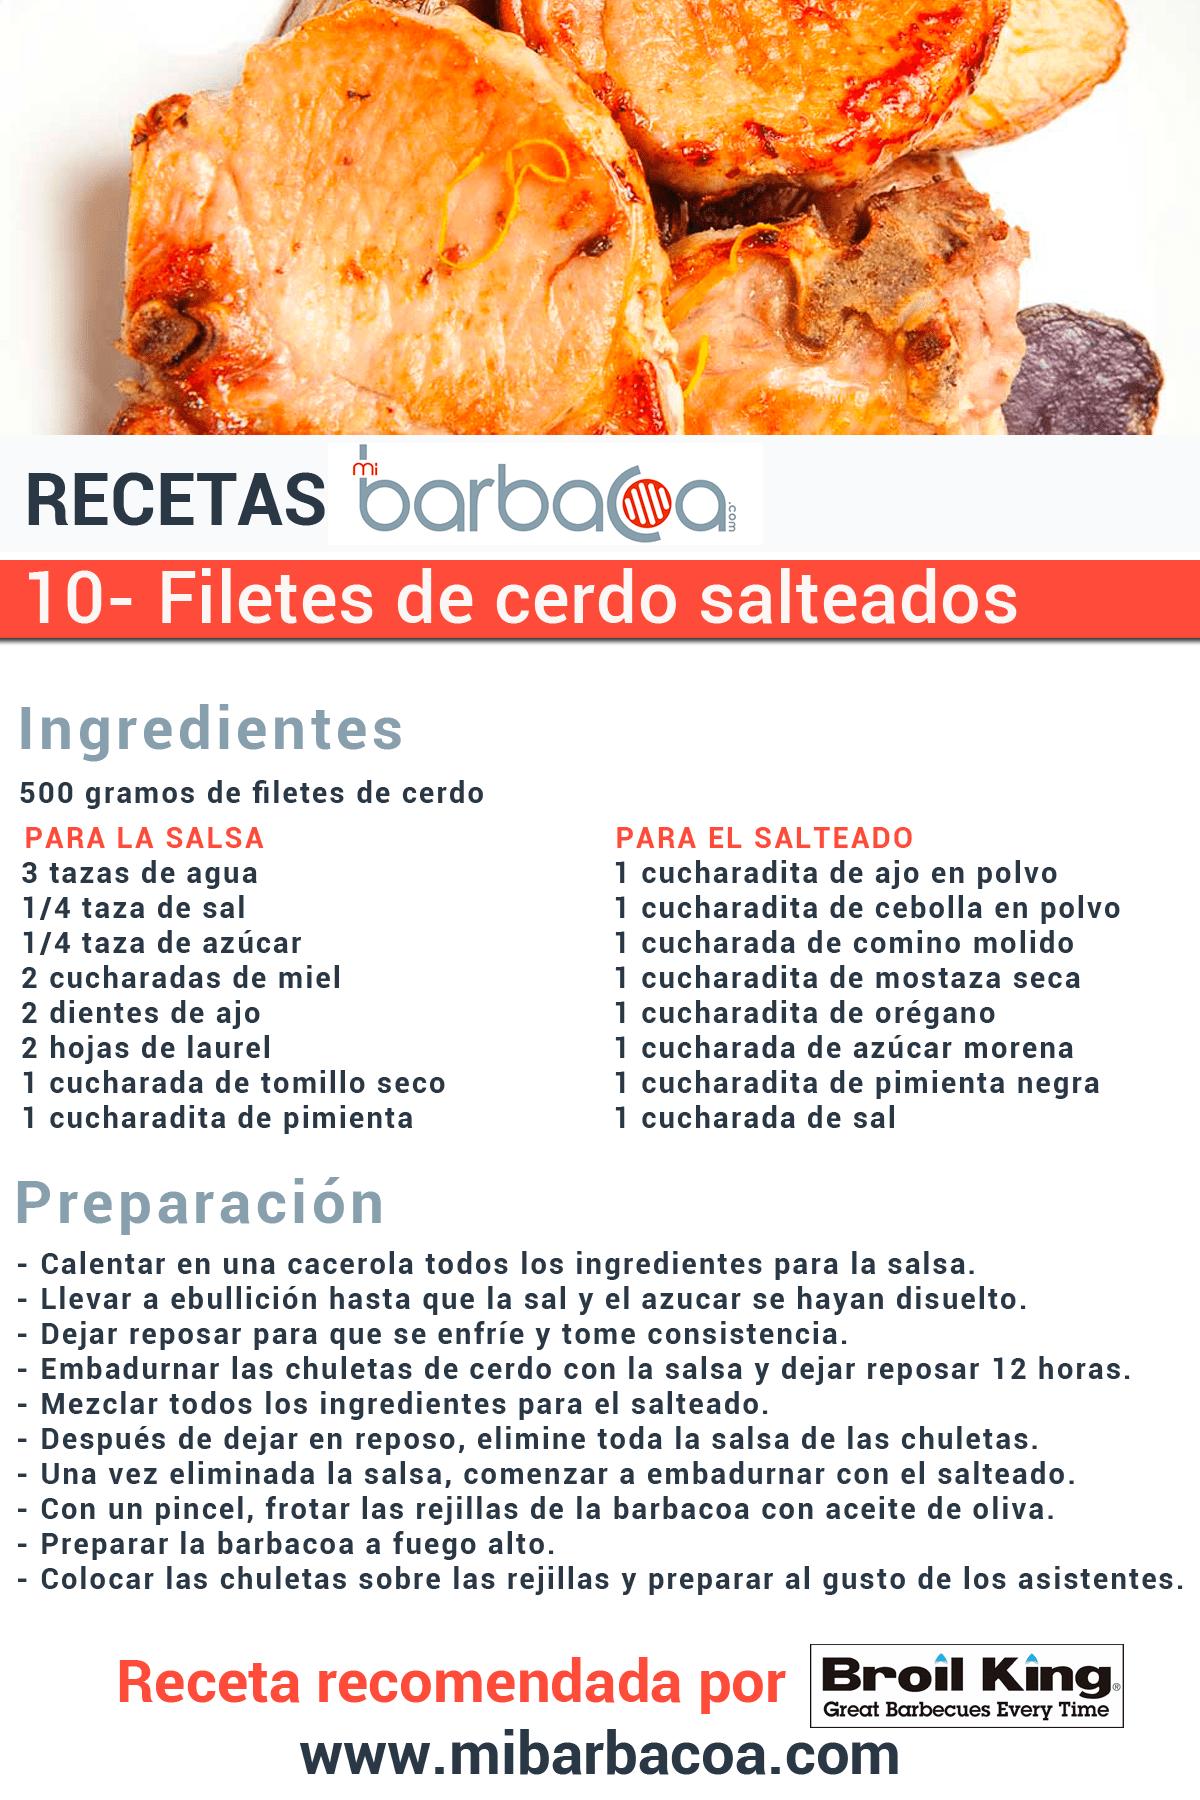 Recetas para barbacoa recomendadas - Blogs de cocina facil ...